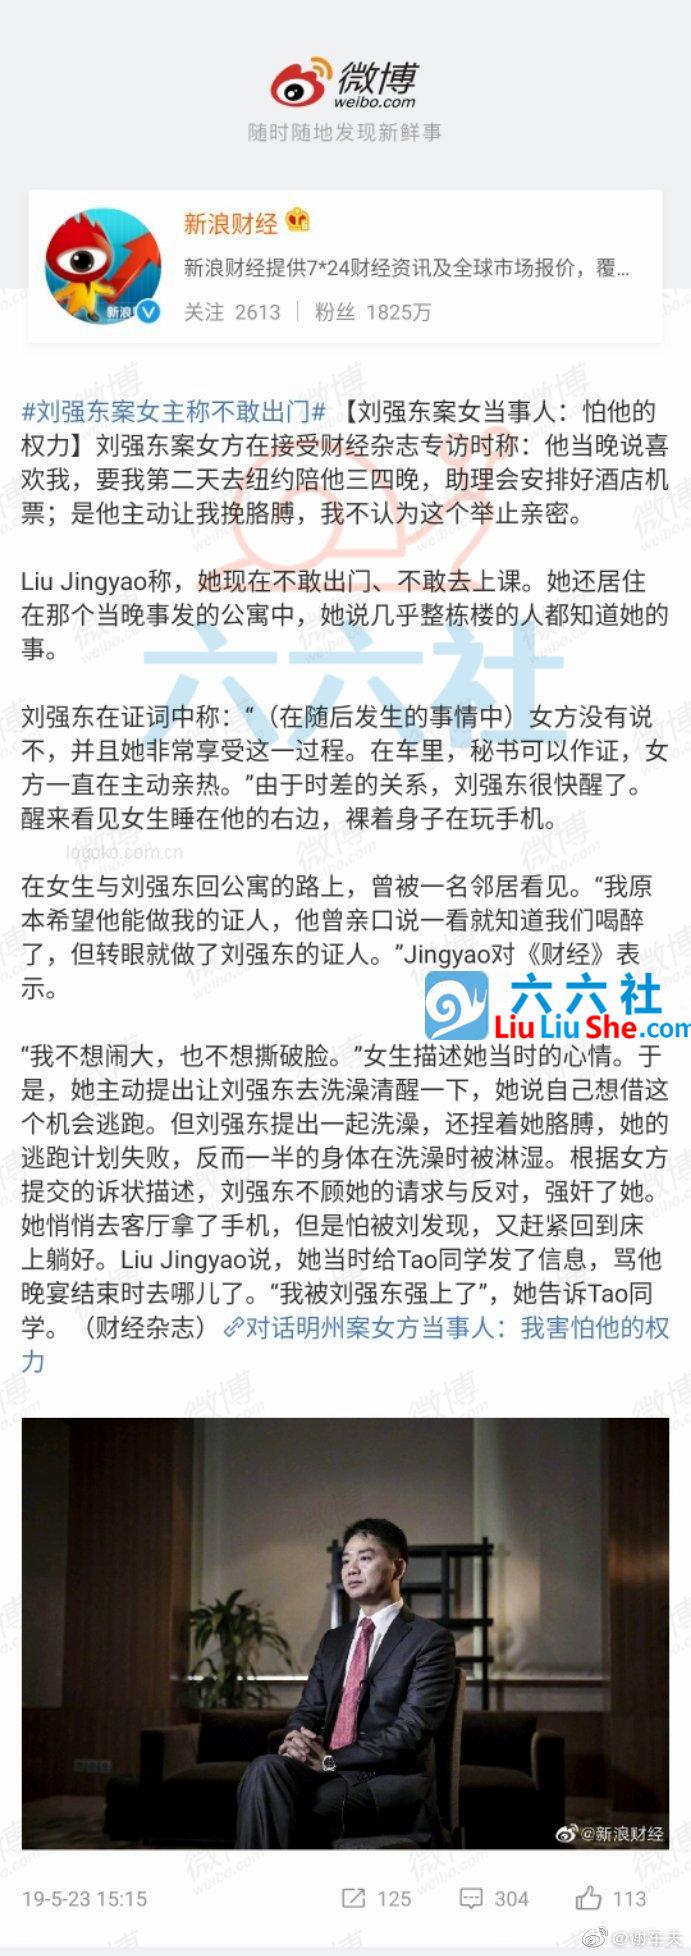 刘东强案女主角Liu Jingyao(刘静尧)浮出水面,再次发声 liuliushe.net六六社 第3张